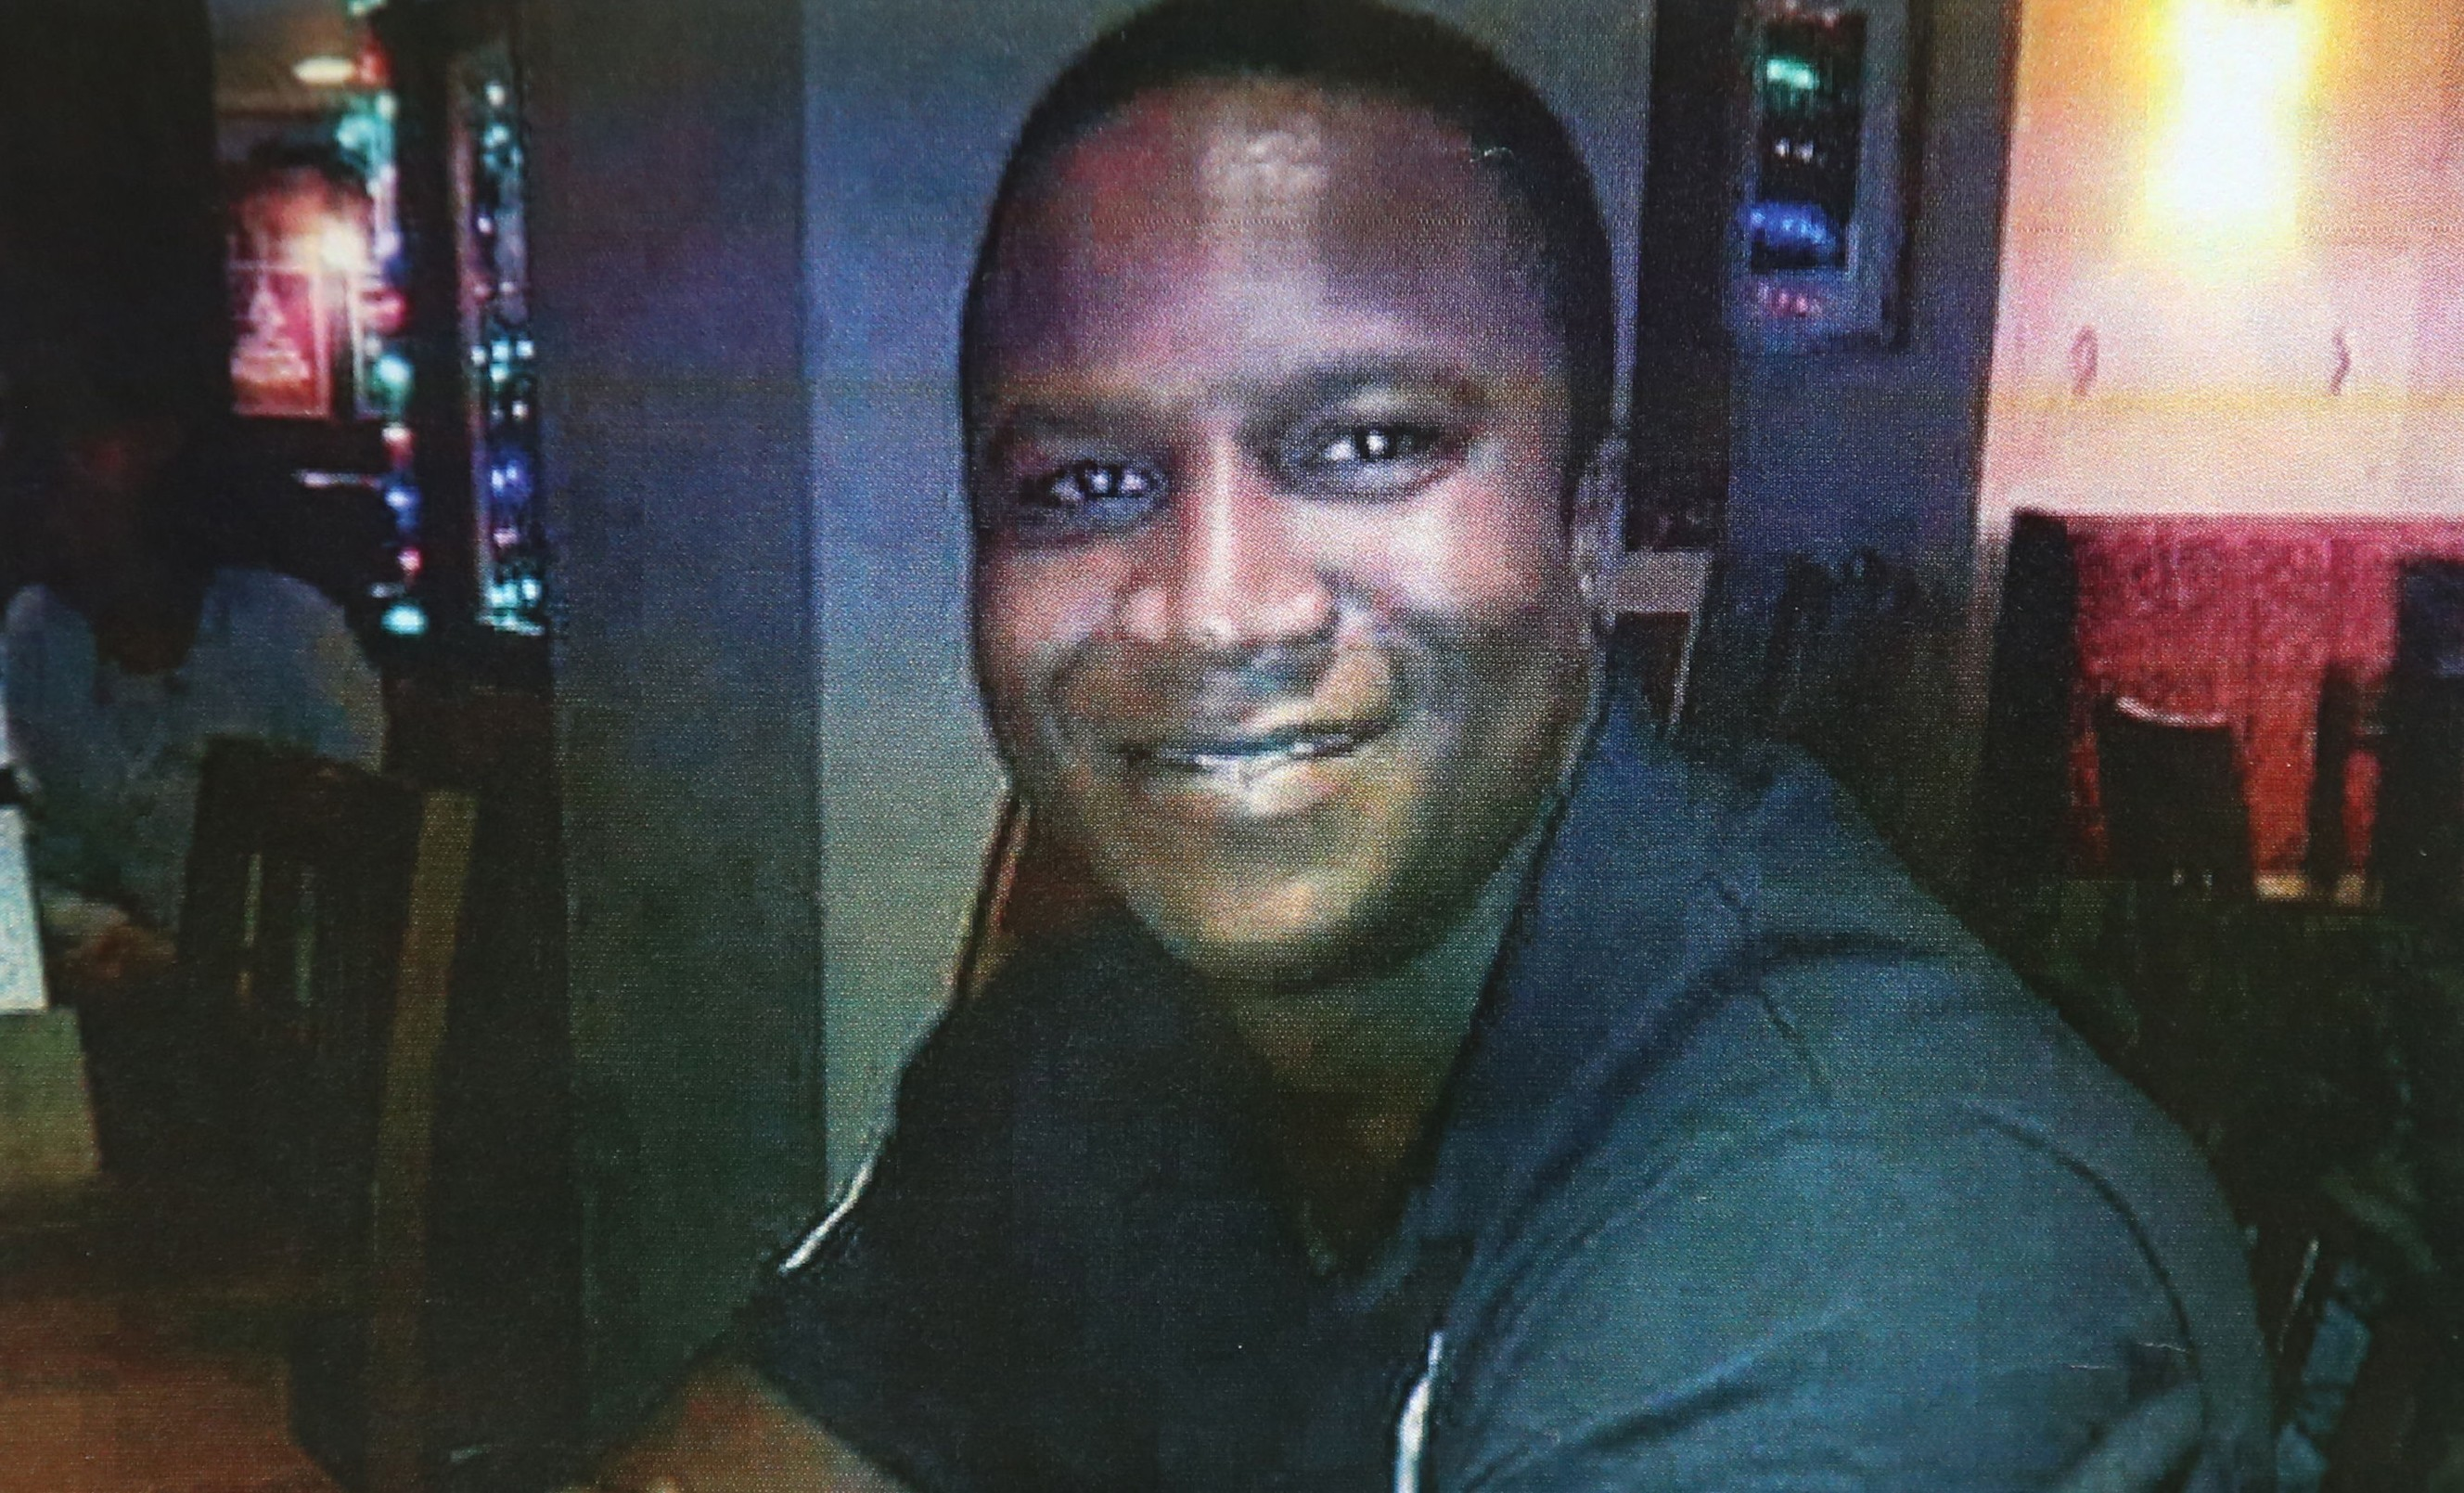 Sheku Bayoh died a year ago this week.